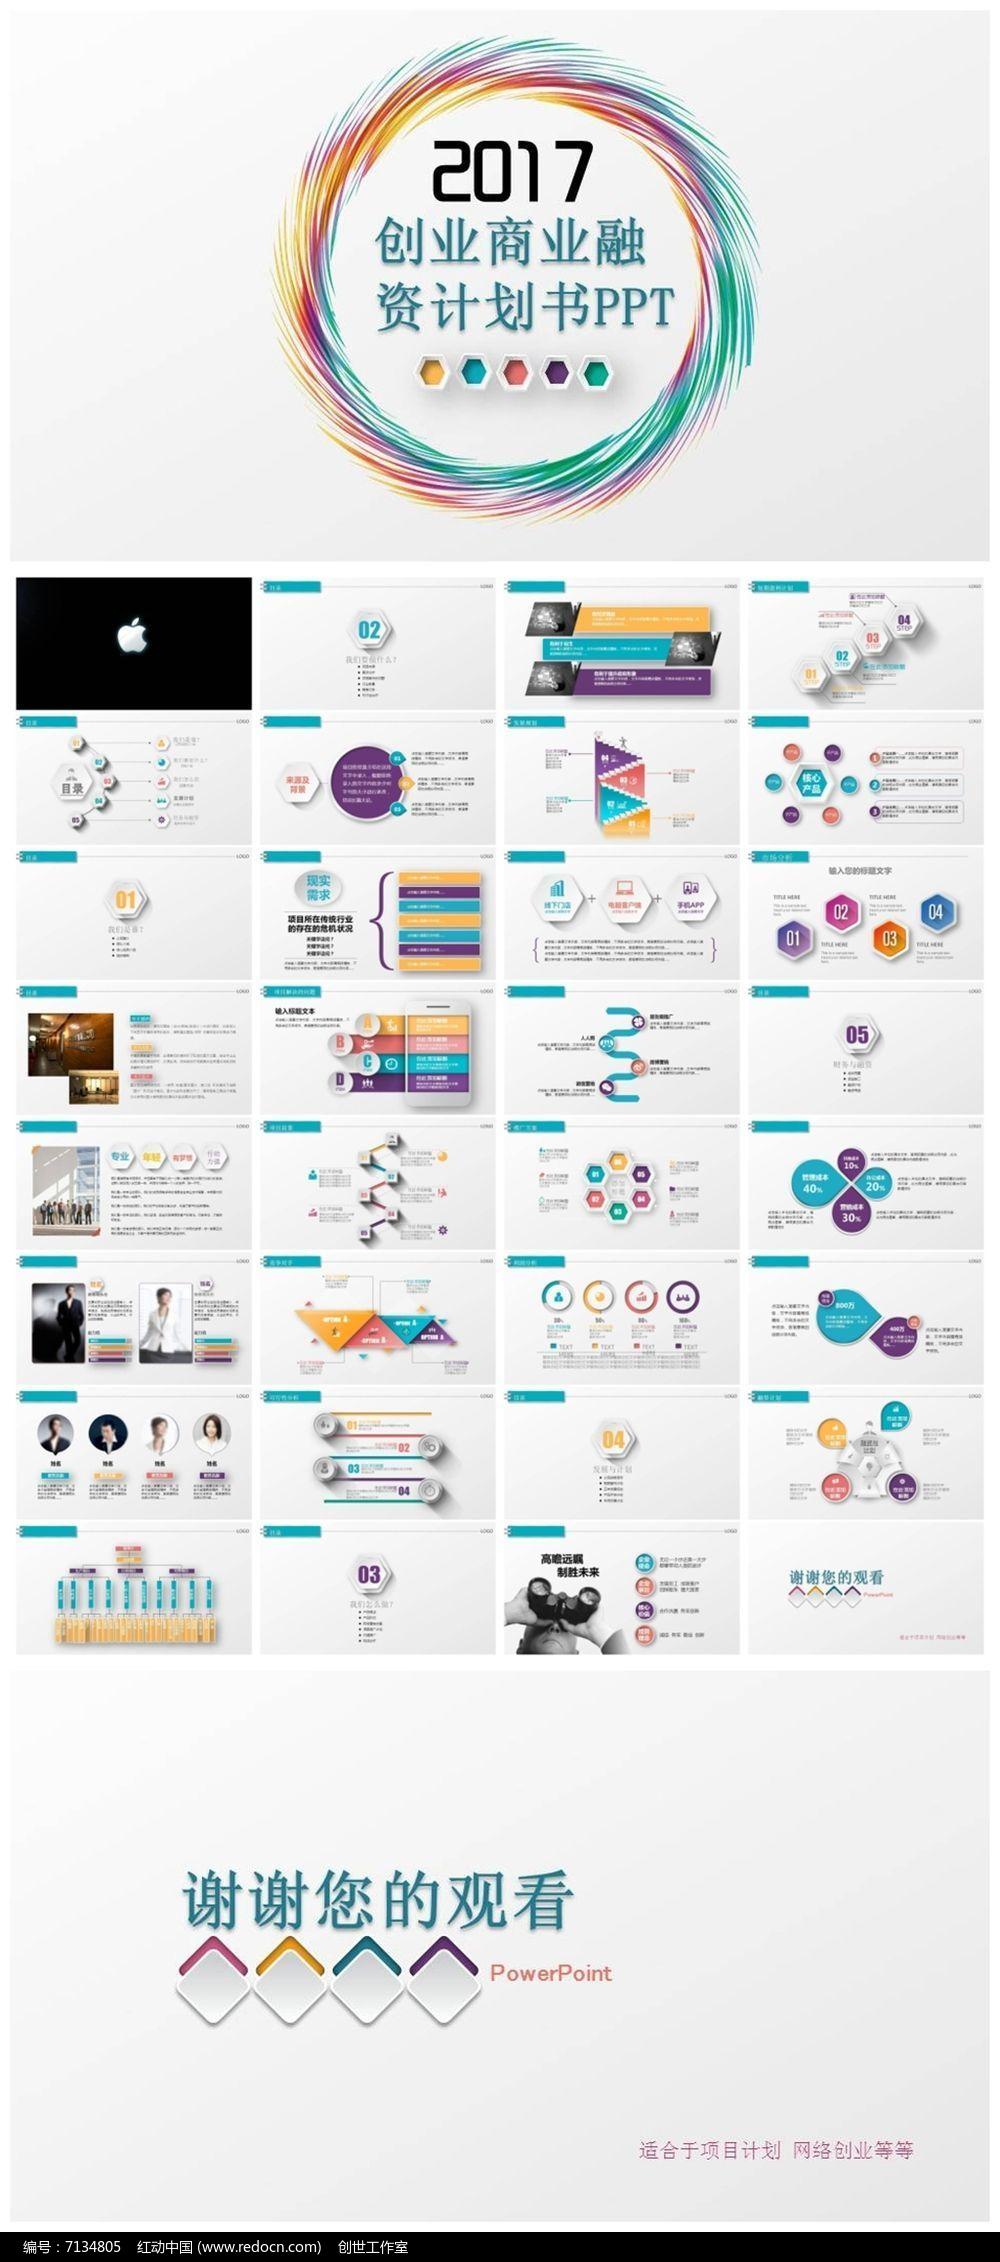 2017大气商业策划书创业计划项目投资PPT模板图片